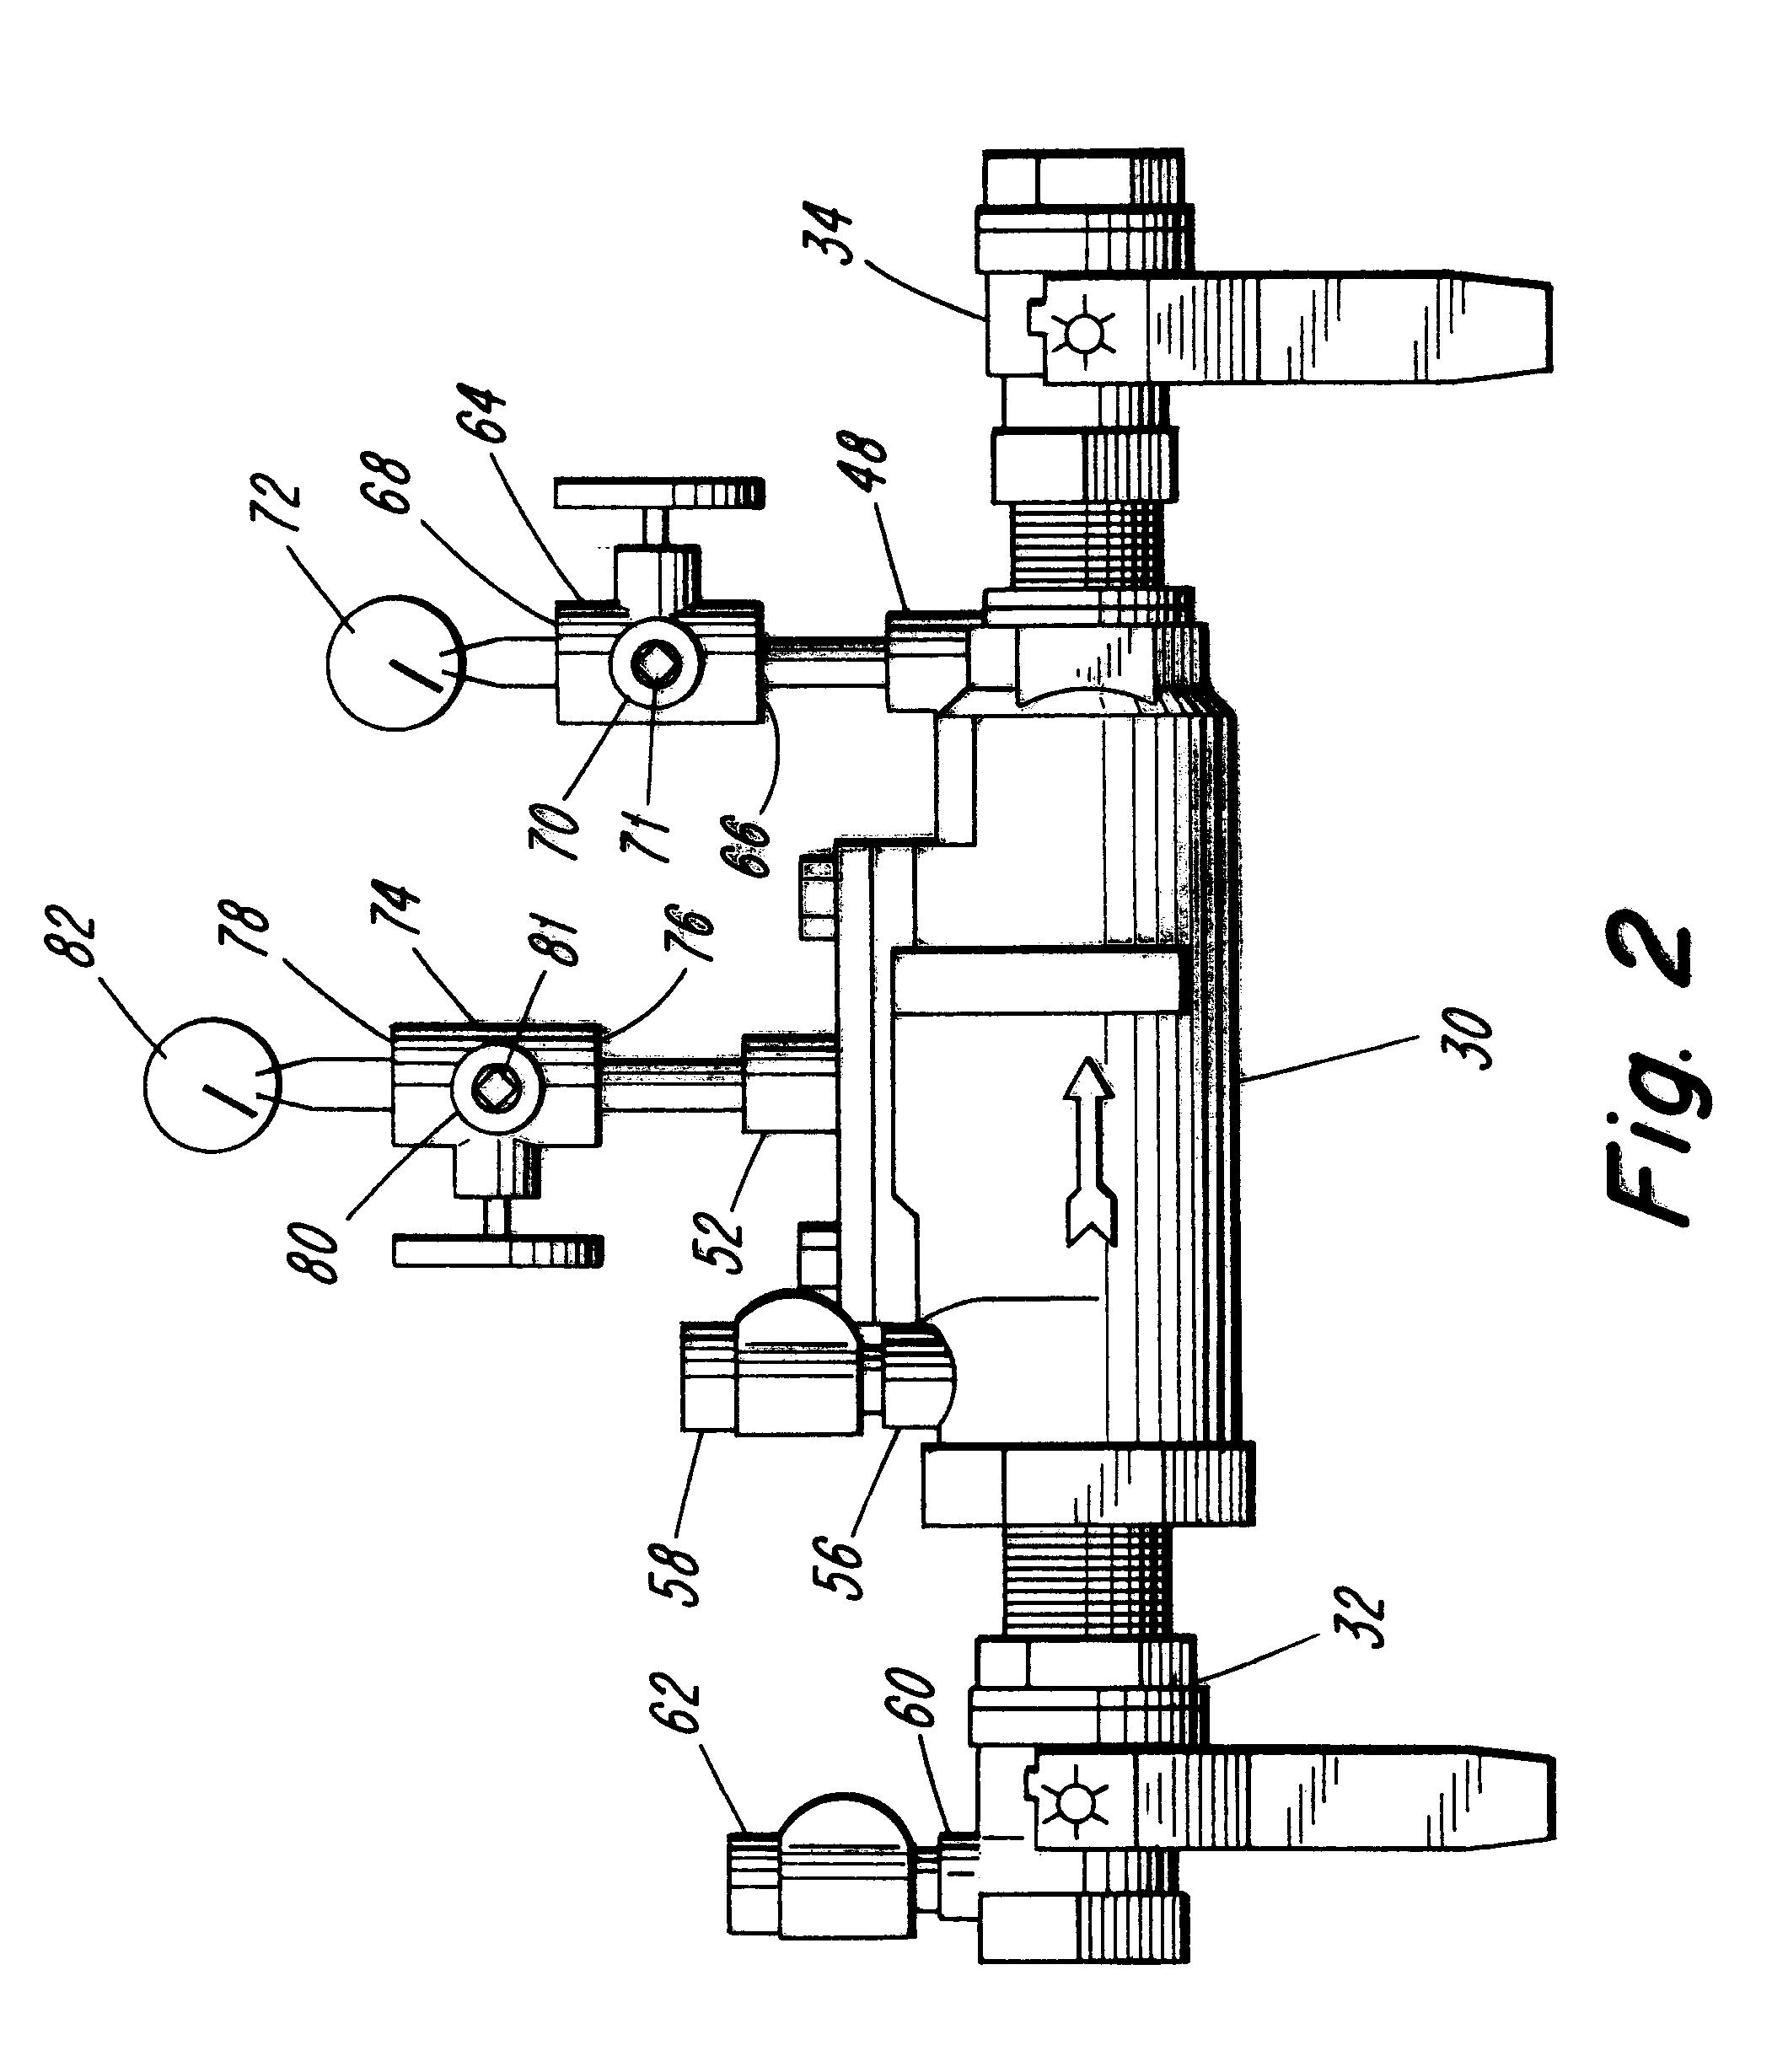 patent us6396404